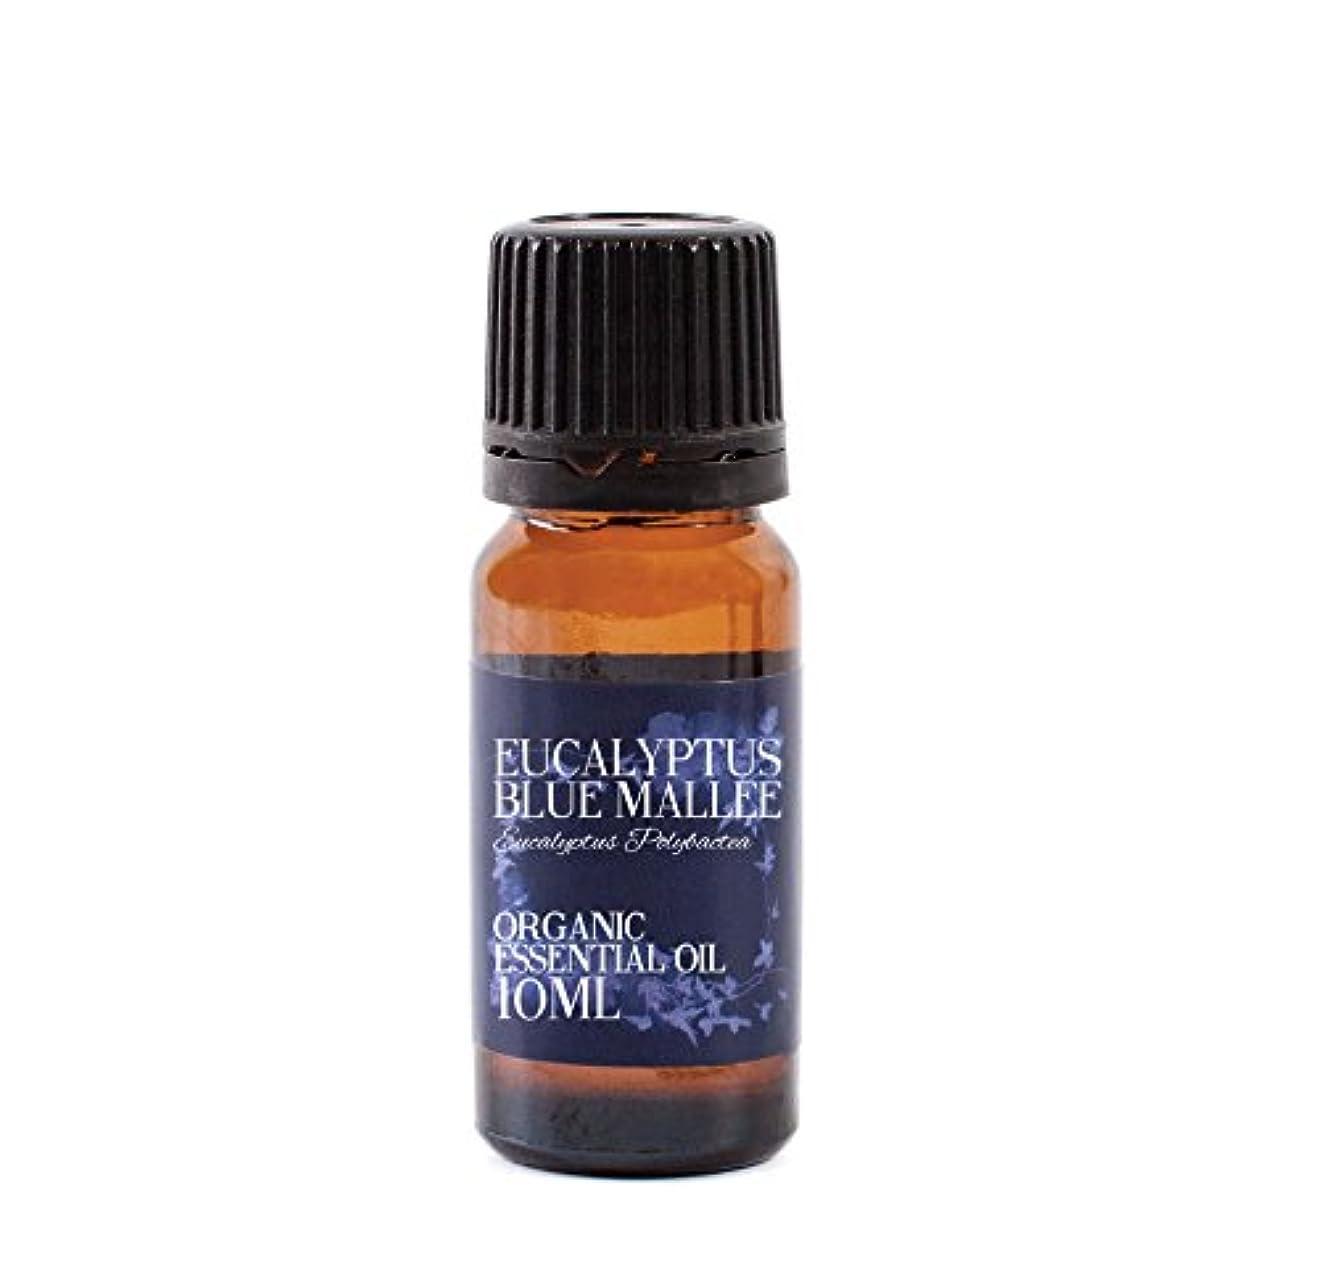 歯痛引き金お願いしますMystic Moments | Eucalyptus Blue Mallee Organic Essential Oil - 10ml - 100% Pure